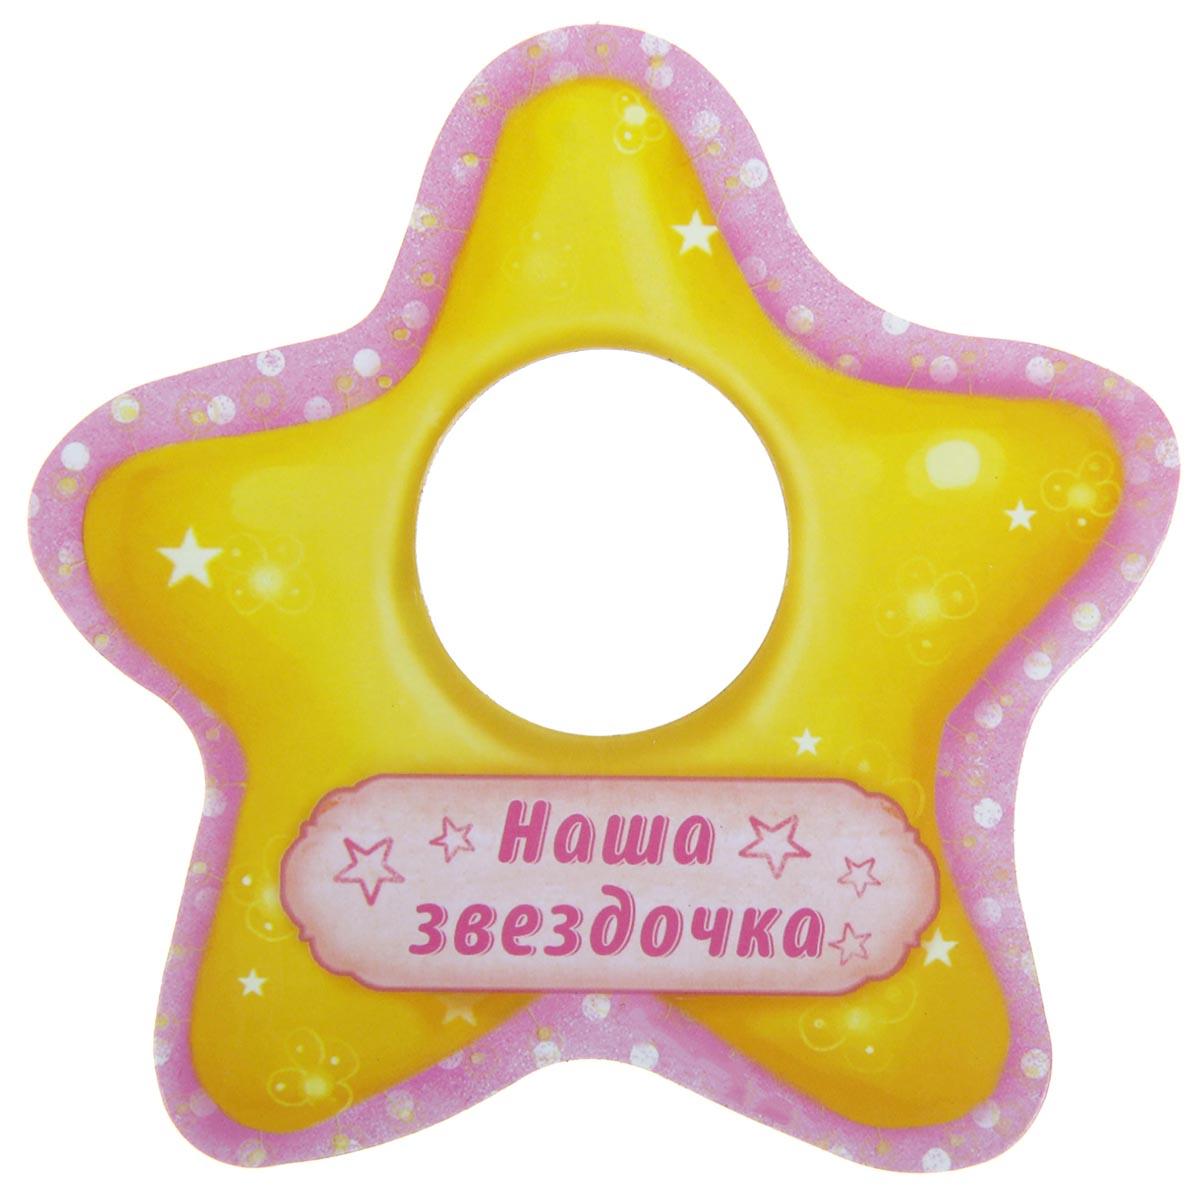 Фоторамка-магнит Наша звездочка, 10,7 х 10,7 см . 909973909973Благодаря стильному оформлению такая вещь украсит интерьер дома. Особенности: есть магнит. Чтобы поместить изображение внутрь, выберите небольшую фотокарточку или вырежьте оттуда только лицо. Затем достаньте сувенир из упаковки, удалите лишние магнитные части, приложите снимок к металлической поверхности и сверху прижмите магнитом.